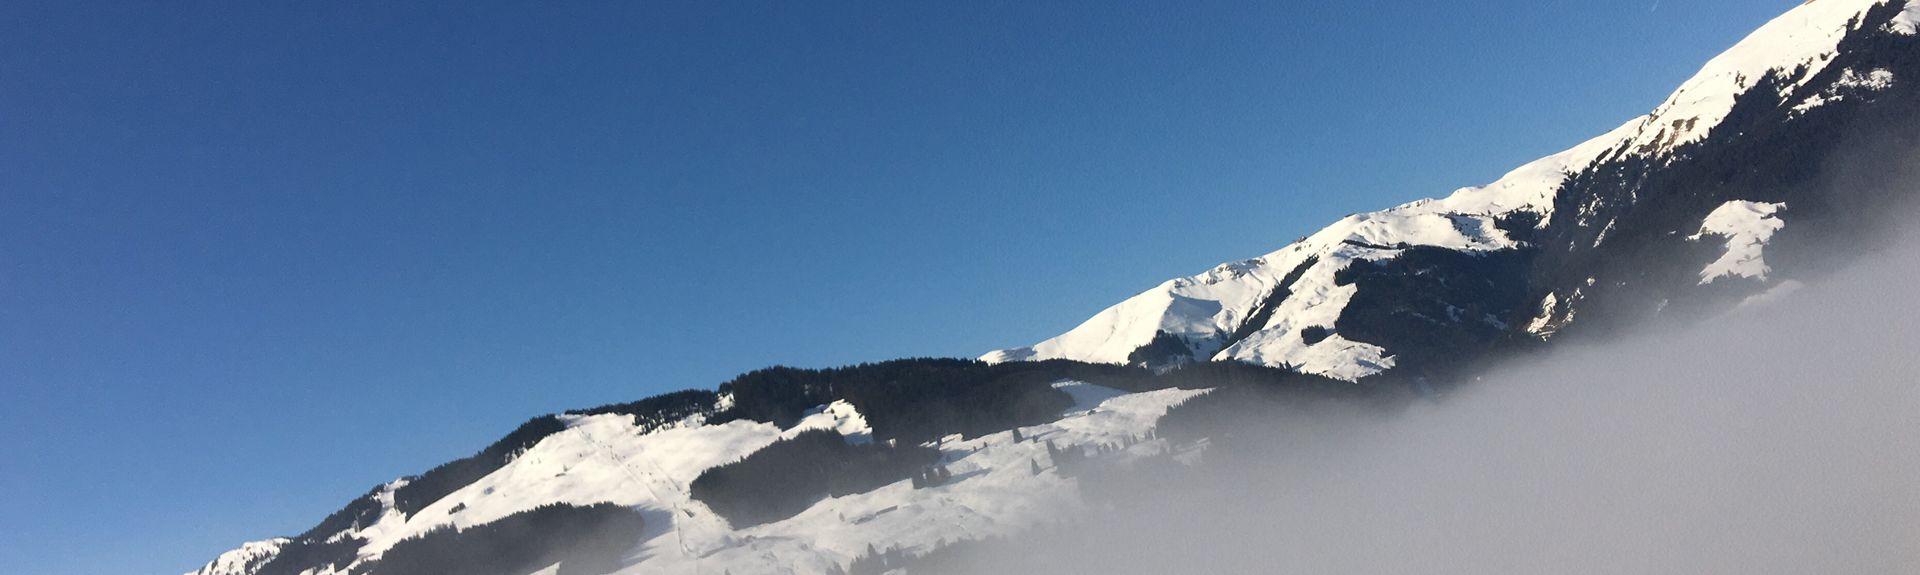 Skilift Resterhöhe, Mittersill, Salzburg (Bundesland), Österreich